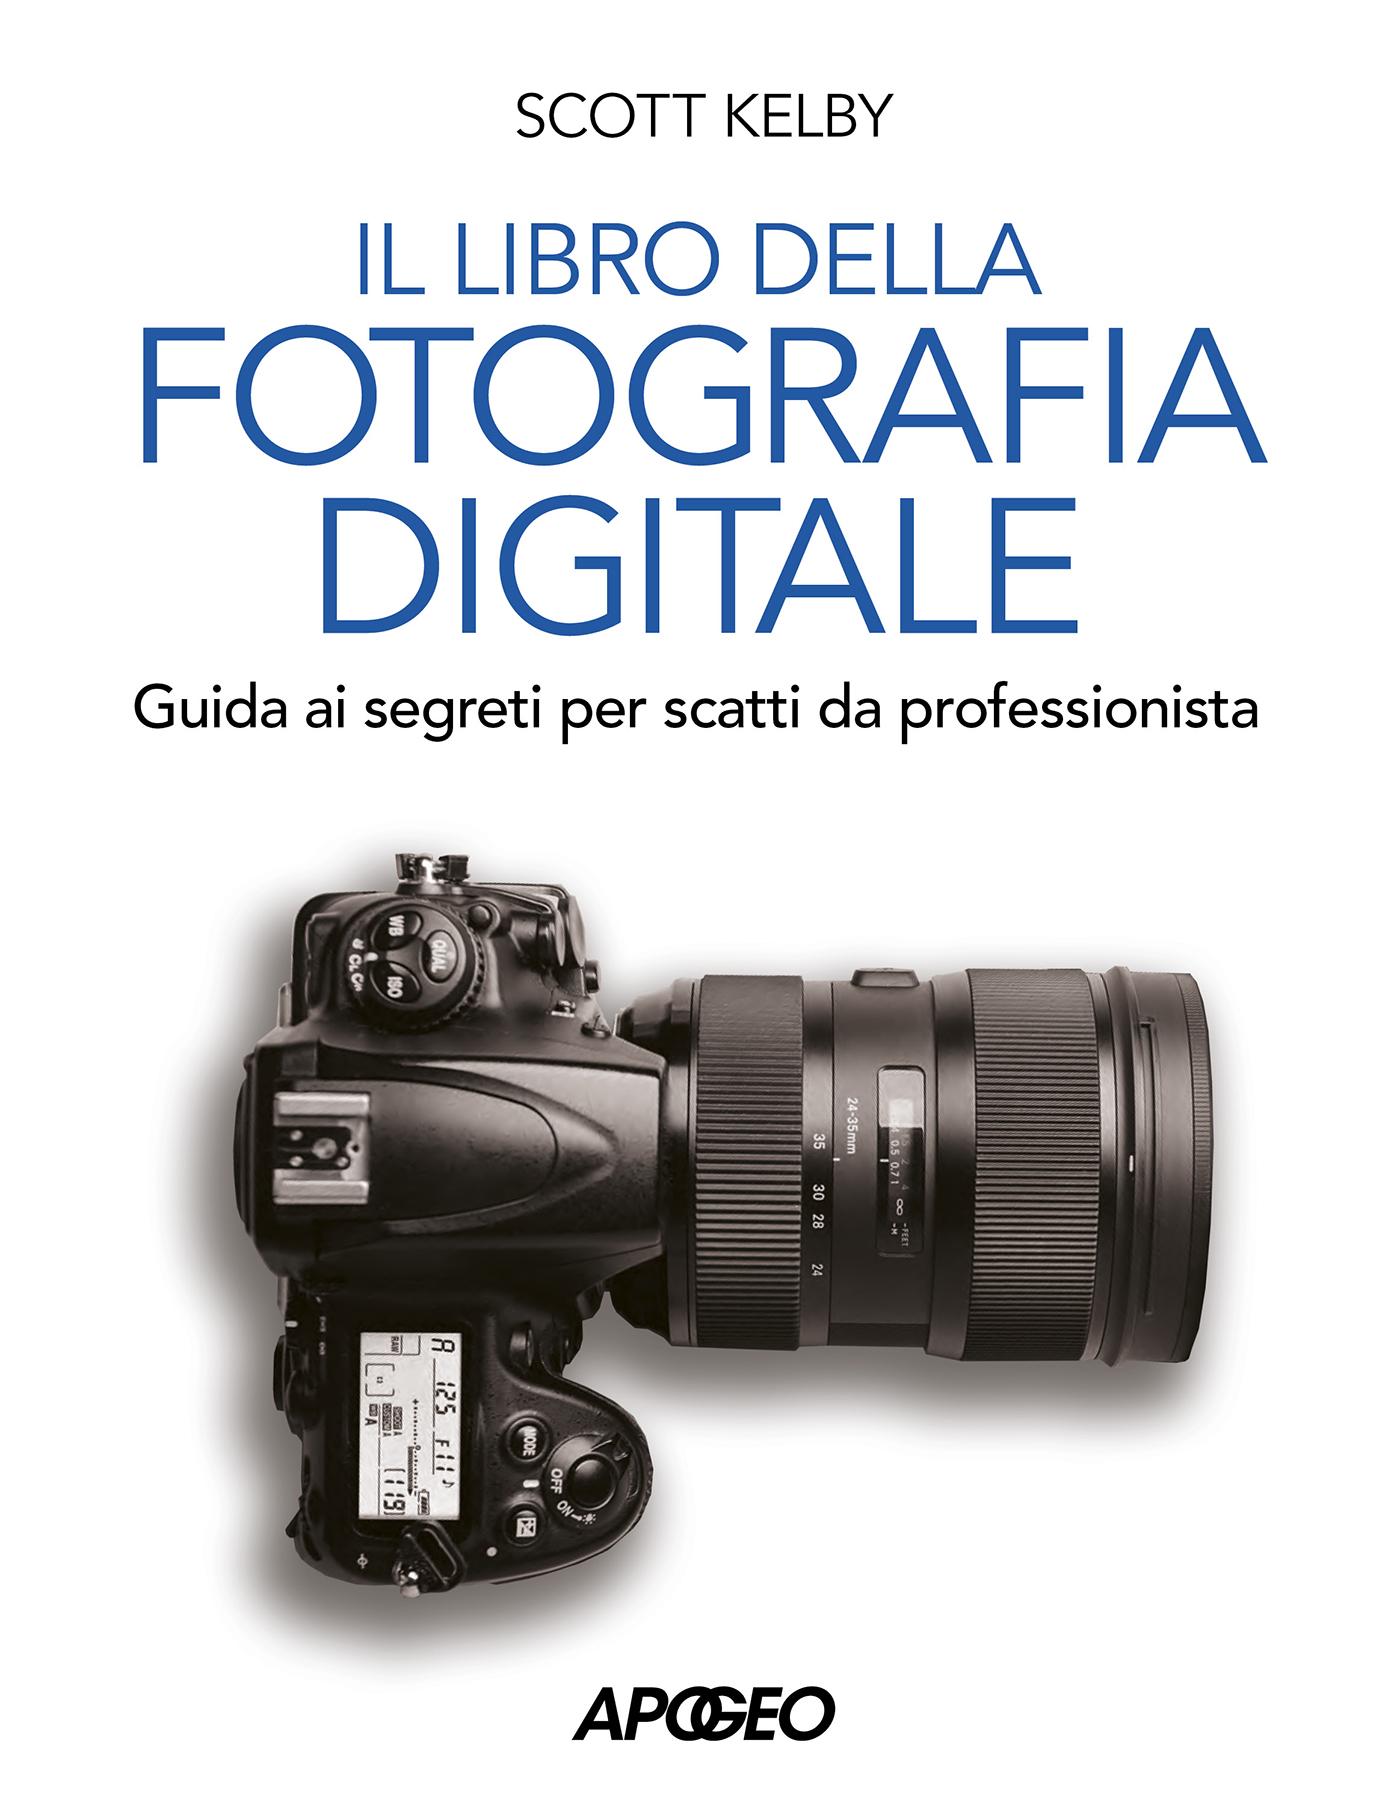 Il libro della fotografia digitale, di Scott Kelby